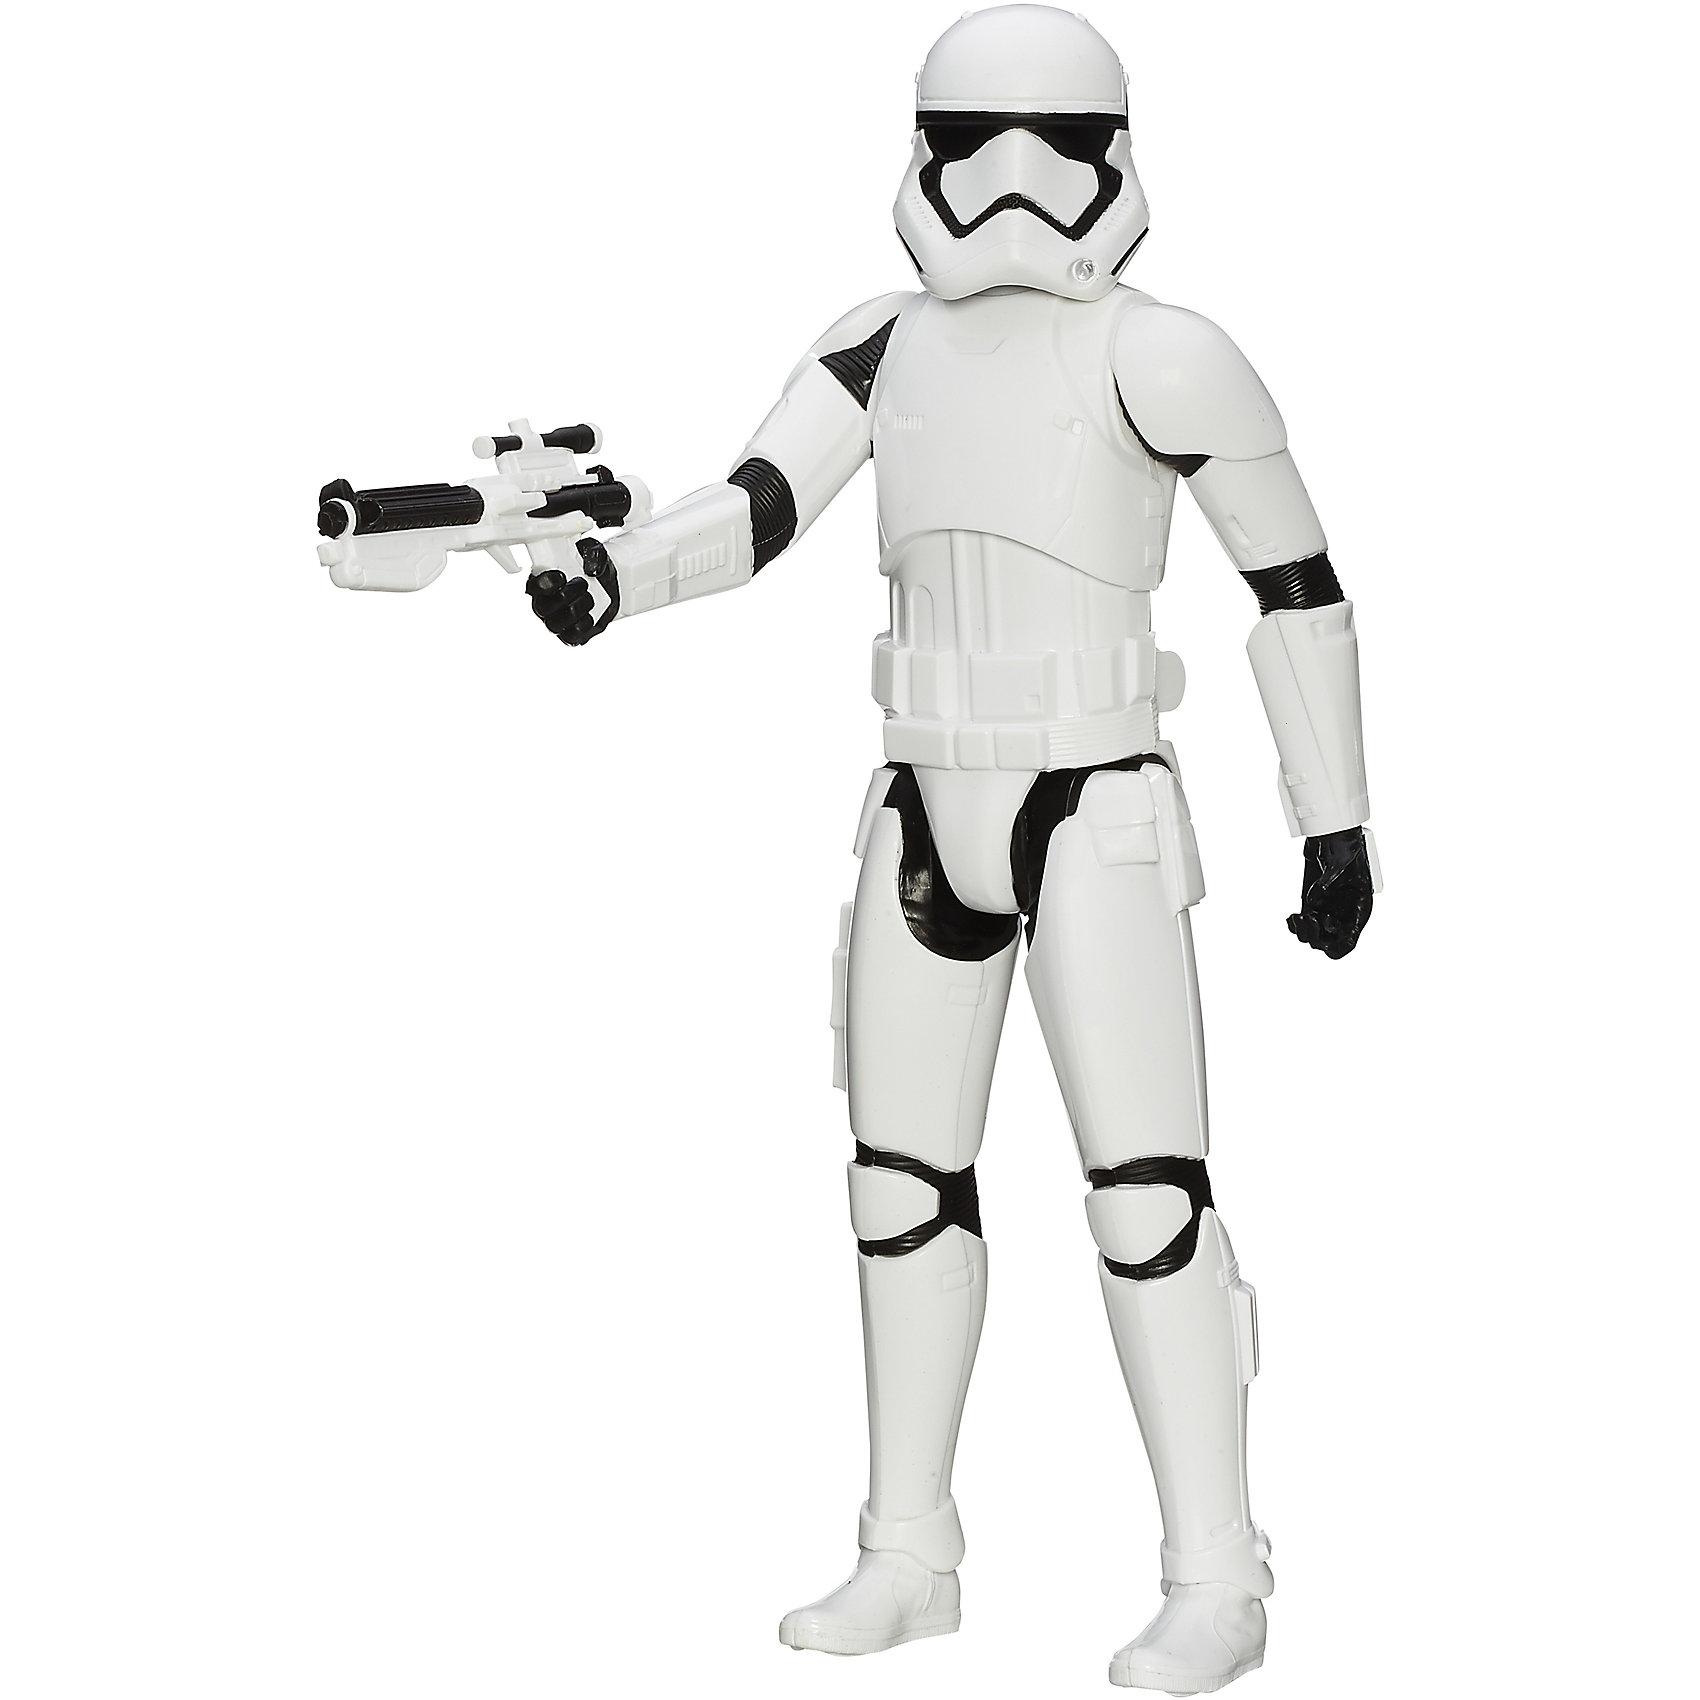 Титаны: Штурмовик, Герои вселенной, Звездные ВойныКоллекционные и игровые фигурки<br>Фигурка Штурмовика от Hasbro, станет приятным сюрпризом для вашего ребенка, особенно если он является поклонником популярной фантастической киносаги Star Wars. Фигурка выполнена из высококачественного пластика, прекрасно детализирована и реалистично раскрашена. Теперь можно разыгрывать по-настоящему масштабные сражения с любимыми персонажами. У фигурки подвижные части тела с 5 точками артикуляции, что позволяет придать ей любую позу. <br><br>Дополнительная информация:  <br><br>- В комплекте: 1 фигурка, 1 оружие.<br>- Материал: пластик. <br>- Высота фигурки: 30 см. <br>- Размер упаковки: 30,5 х 5 х 10 см.   <br>- Голова, руки, ноги подвижные.<br><br>Фигурку Титаны: Штурмовика, Герои вселенной, Звездные Войны (Star Wars), можно купить в нашем интернет-магазине.<br><br>Ширина мм: 309<br>Глубина мм: 102<br>Высота мм: 57<br>Вес г: 328<br>Возраст от месяцев: 48<br>Возраст до месяцев: 96<br>Пол: Мужской<br>Возраст: Детский<br>SKU: 4702910